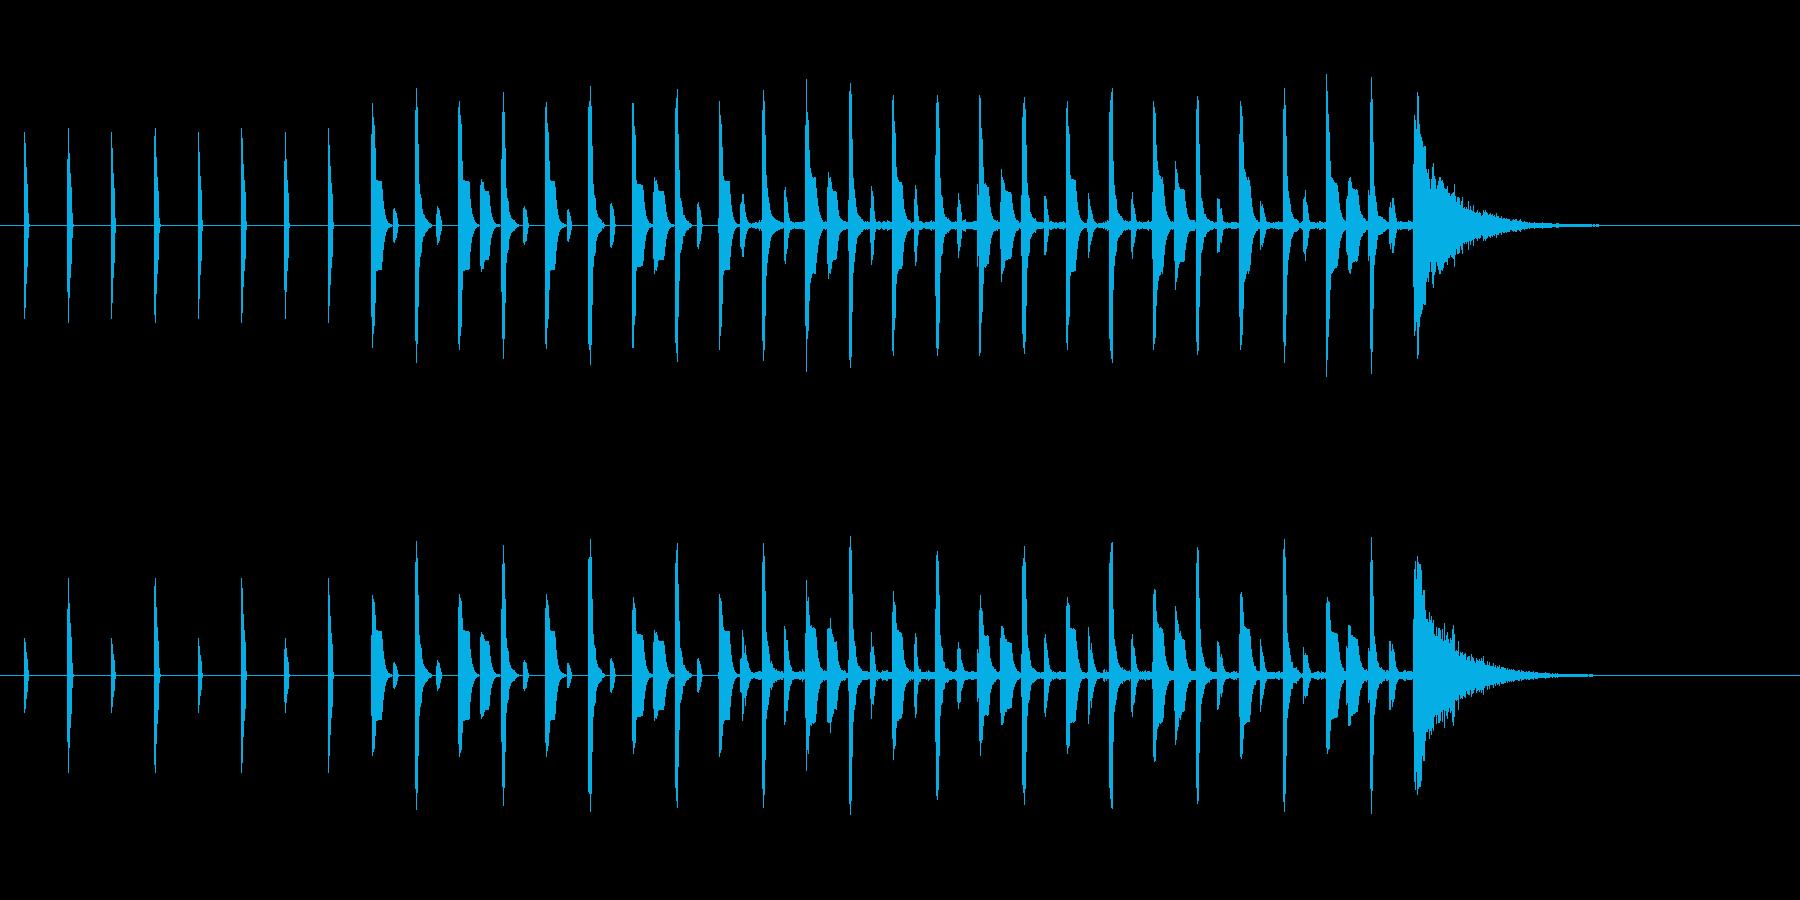 シンキングタイム15秒ピコピコサウンドの再生済みの波形